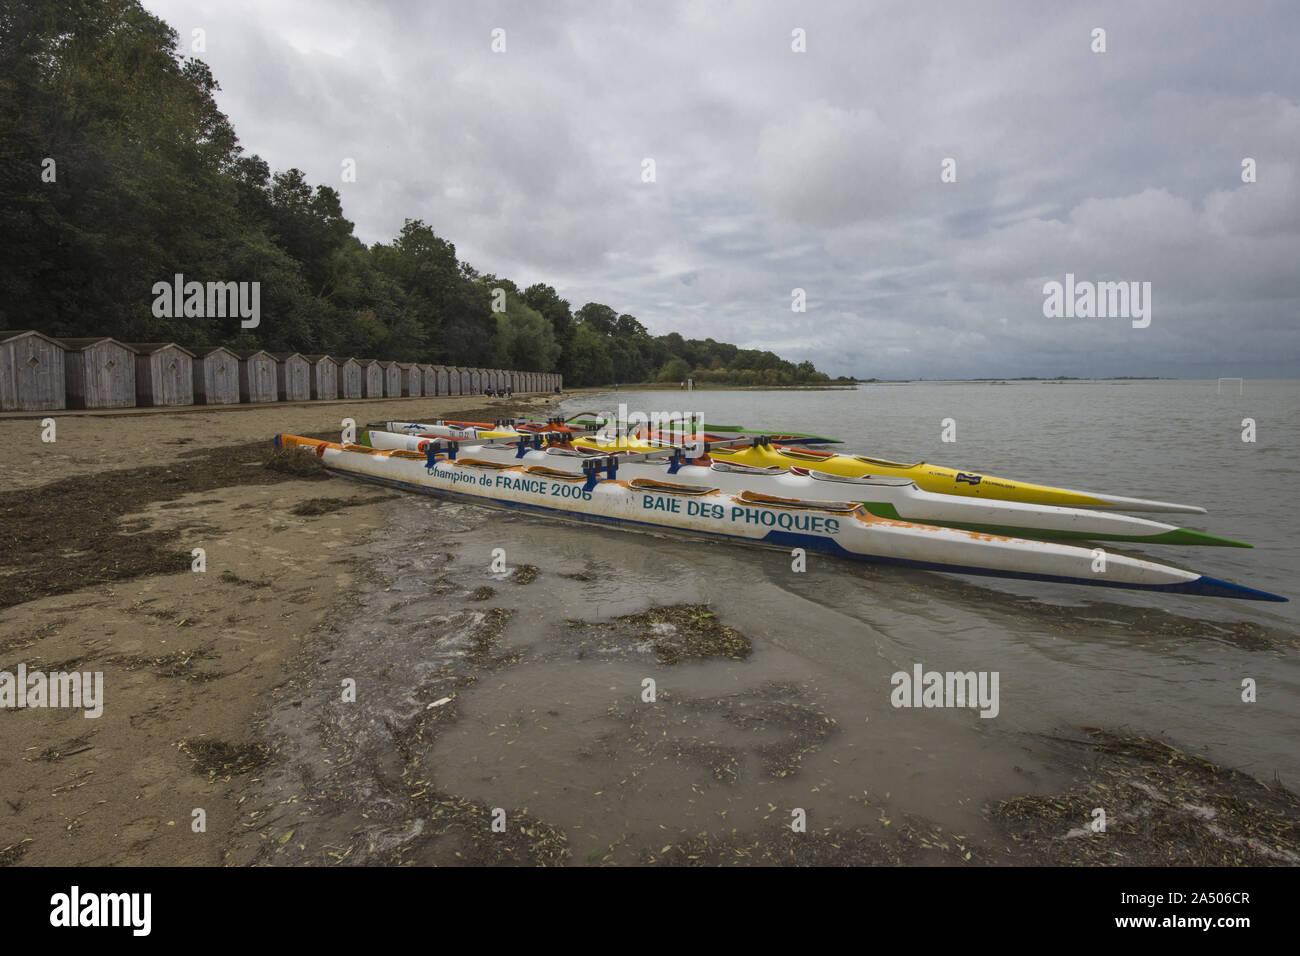 Les cabines de plage de Saint valery sur Somme en fin de saison, au bord de la Baie de Somme en octobre.Piraguas eau bord de l'eau cap hornu. Foto de stock